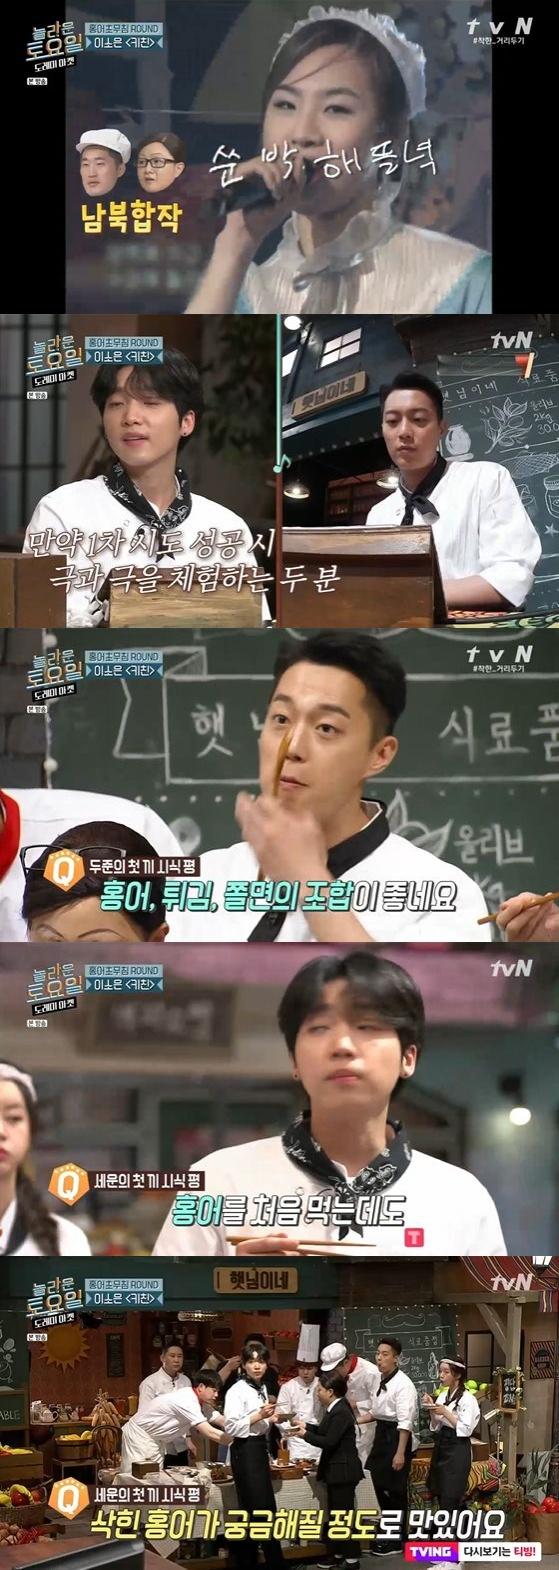 /사진= tvN '놀라운 토요일- 도레미 마켓' 방송화면 캡쳐